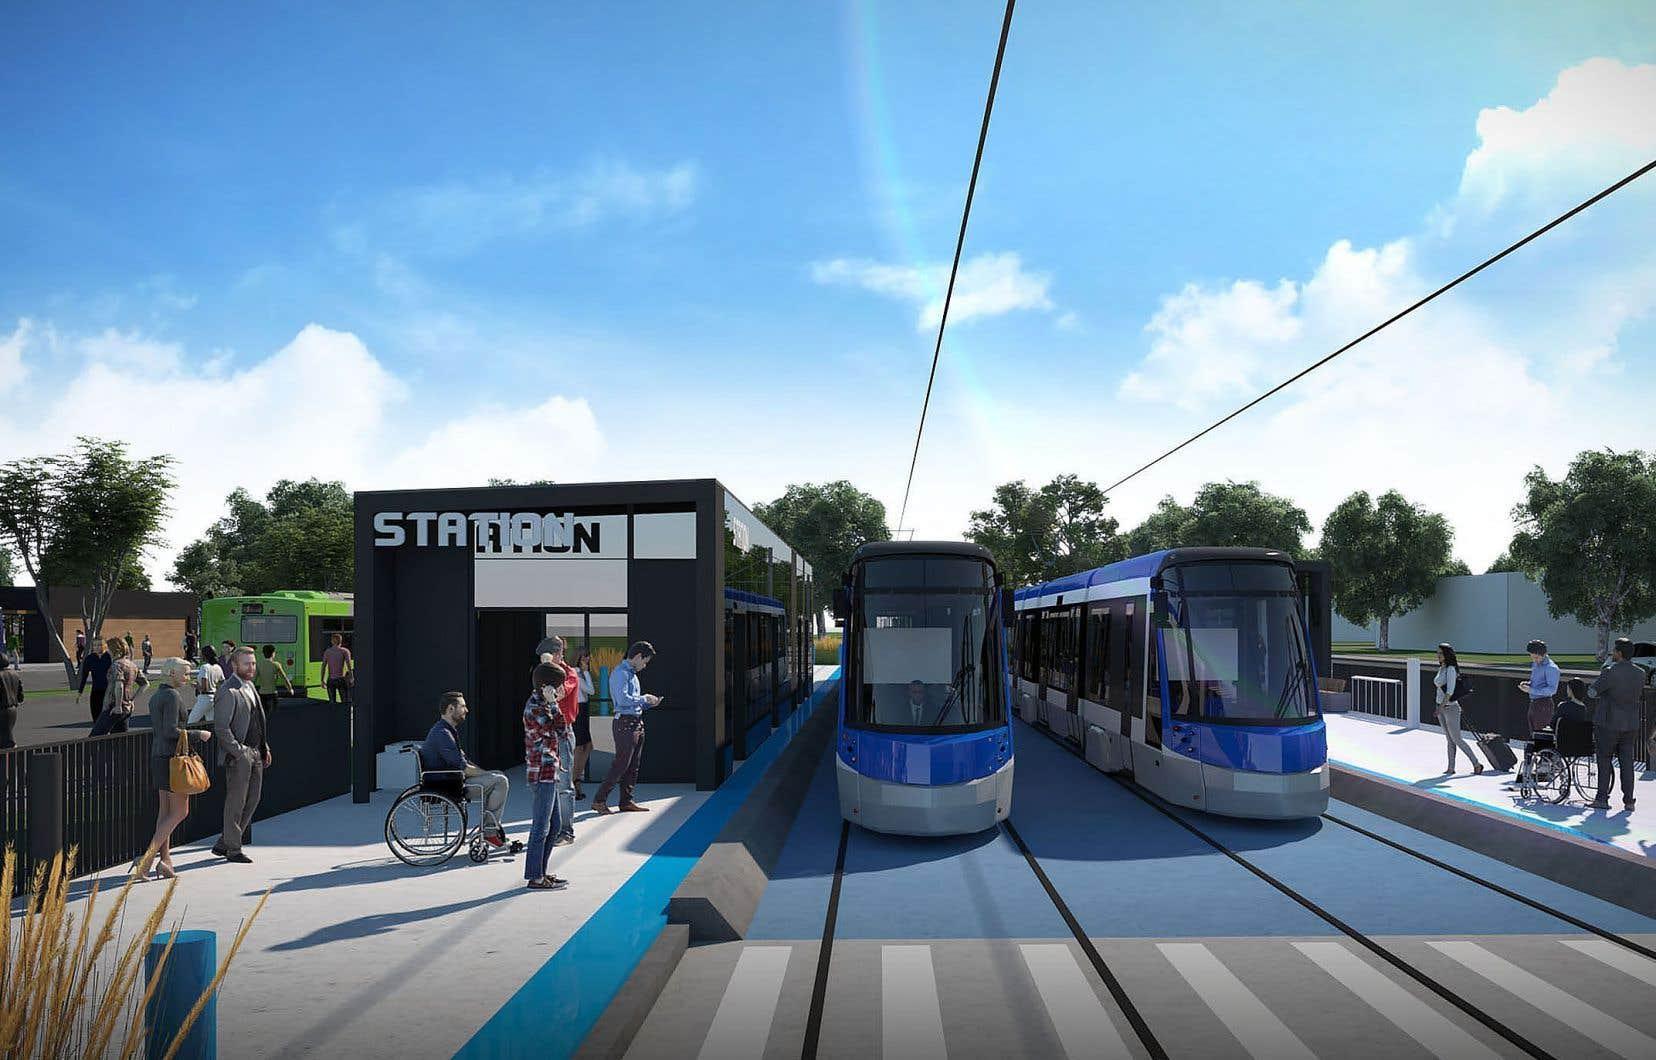 Depuis l'abandon du projet de SRB, la Ville de Québec n'a jamais sérieusement considéré d'autres options que le tramway dans son projet de réseau structurant.